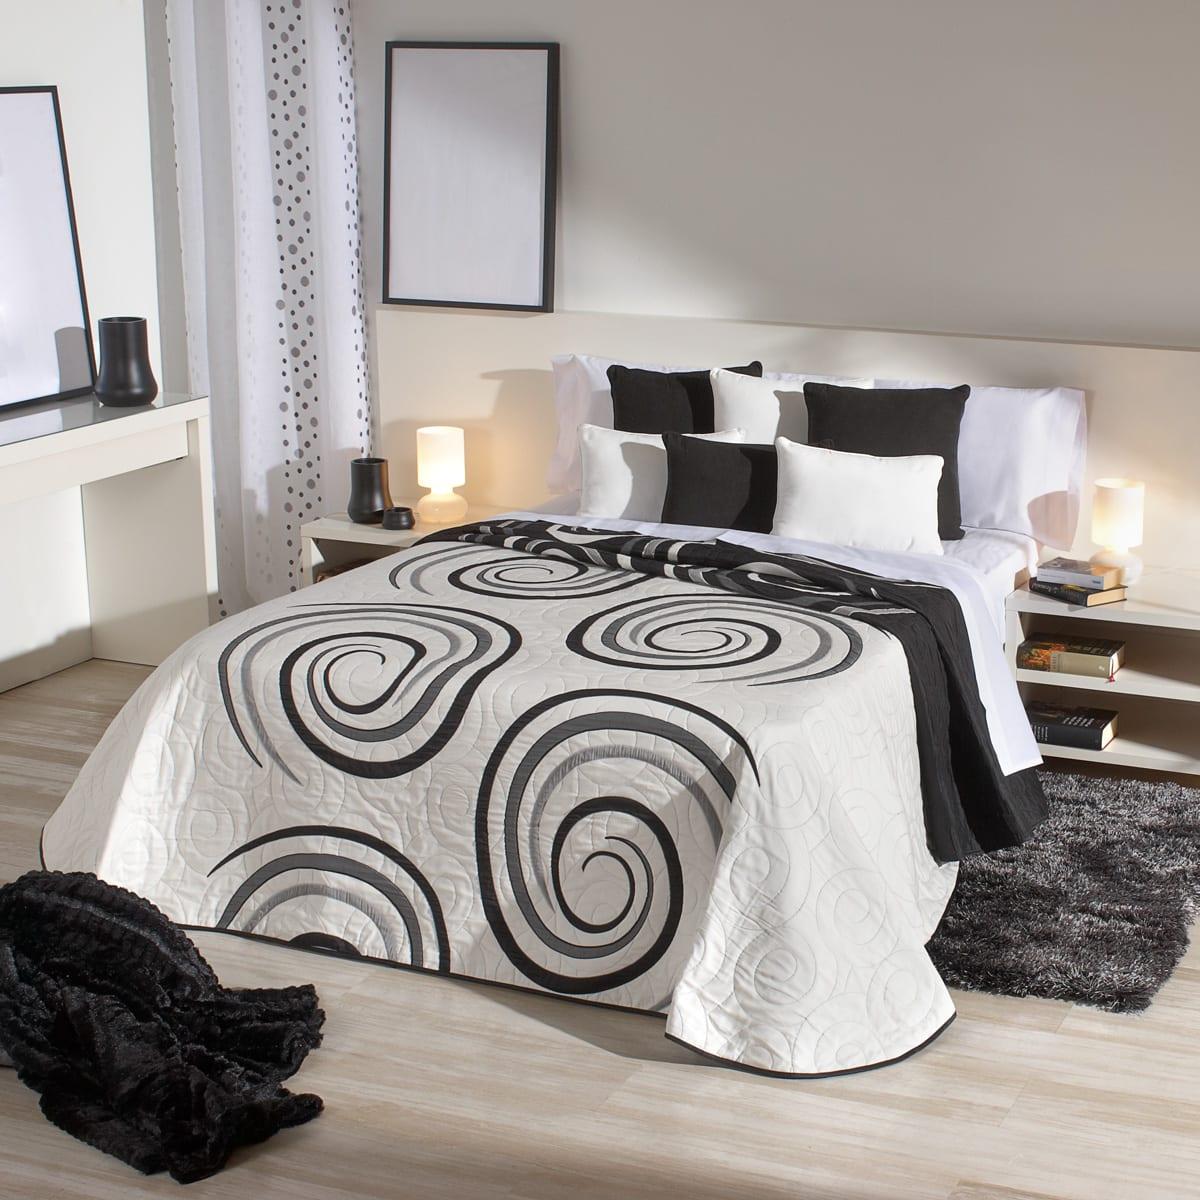 C mo elegir los cojines de tu habitaci n - Decorar cama con cojines ...